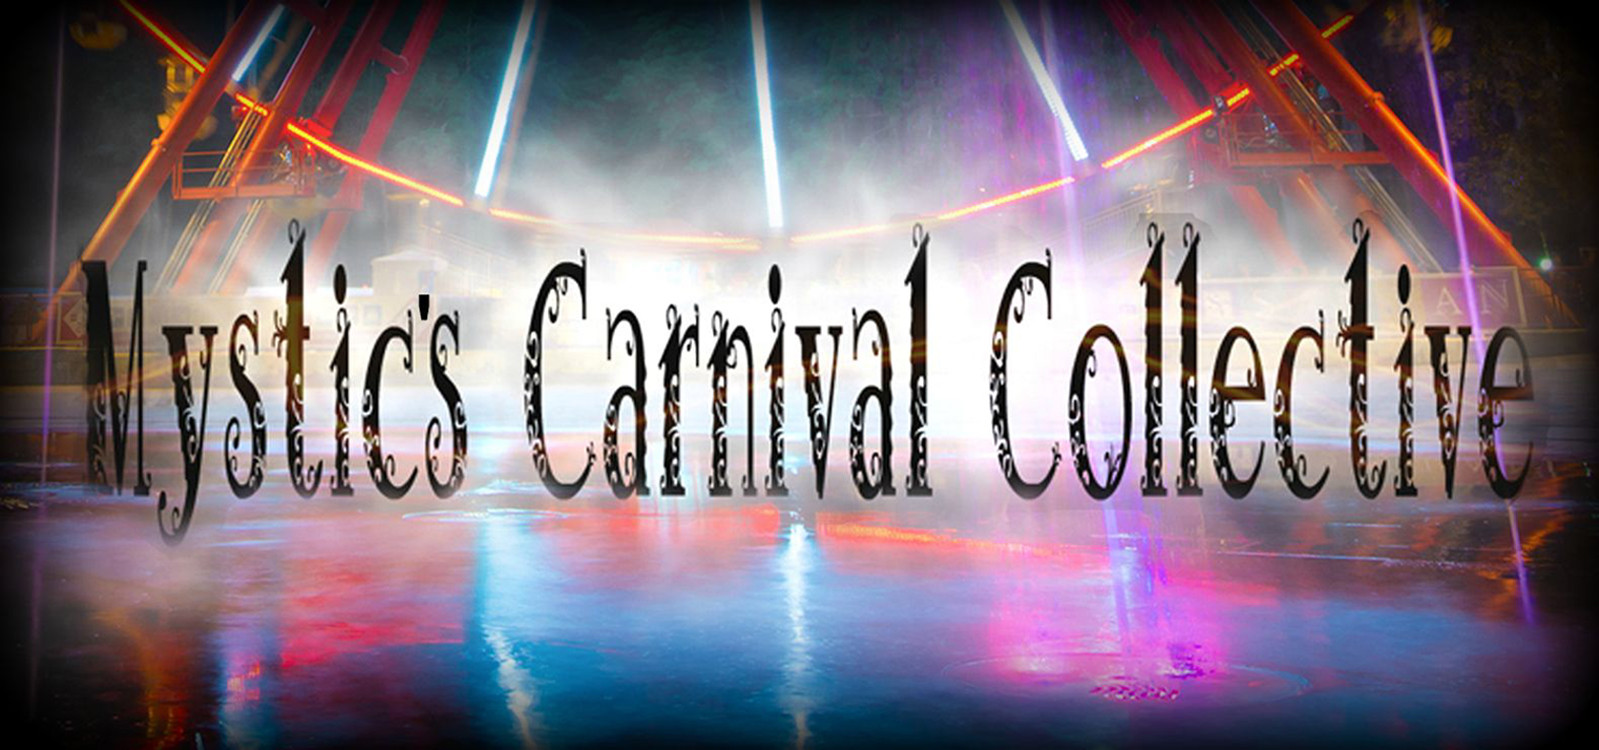 Mystic's Carnival Collective at Debra Kristi, author